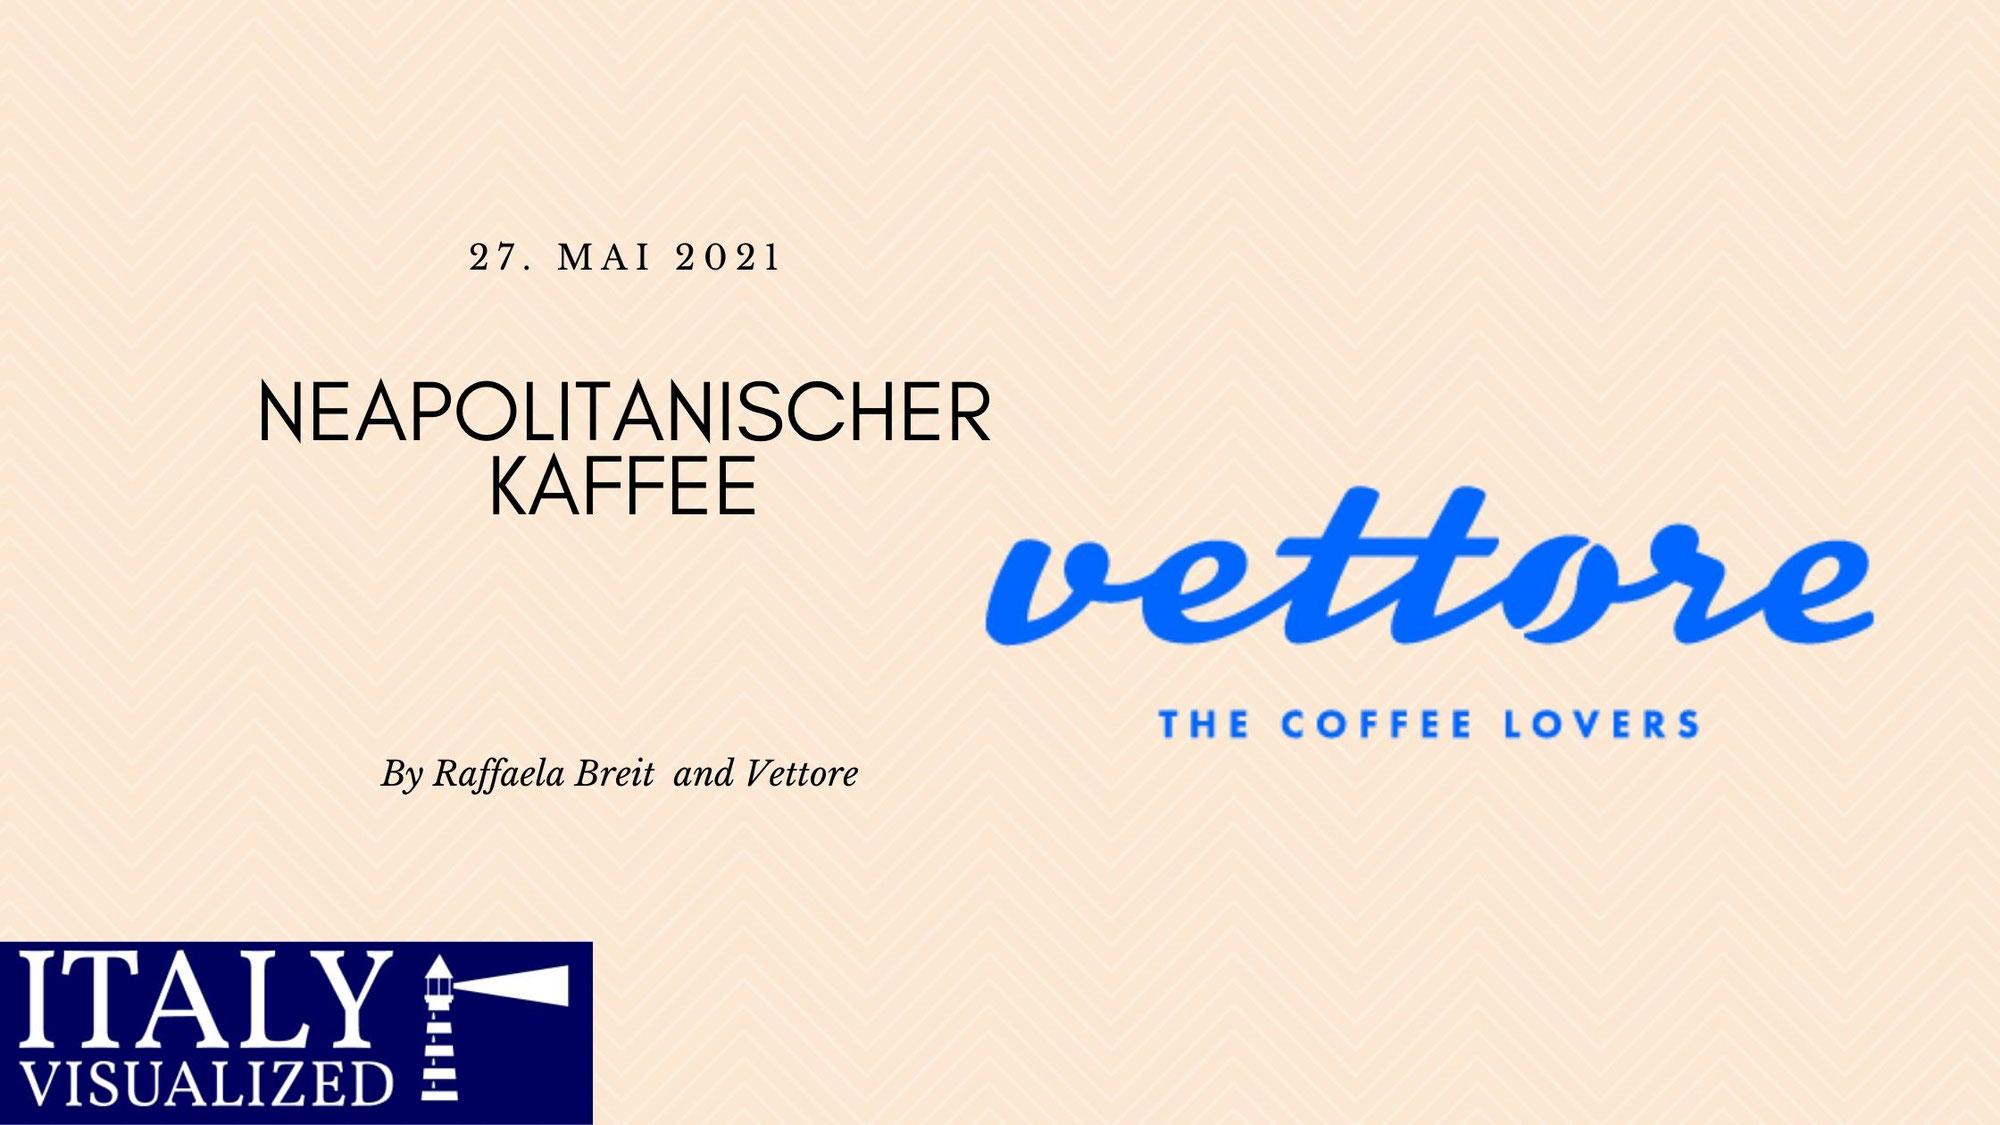 Neapolitanischer Kaffee